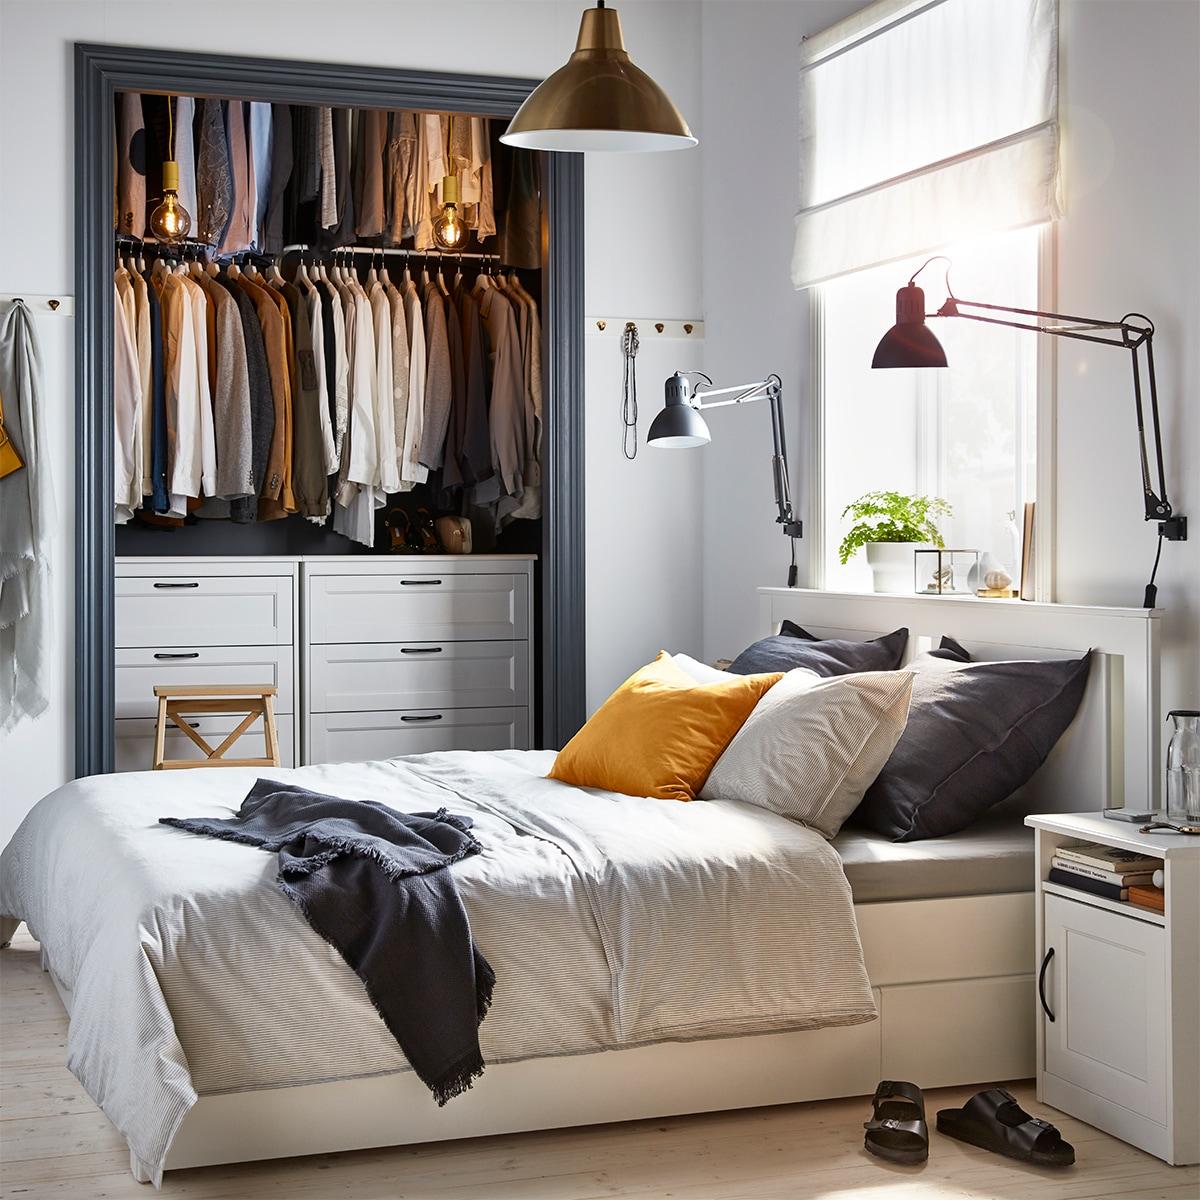 Full Size of Einrichtungsideen Inspirationen Schlafzimmer Ikea Schweiz Bett Mit Bettkasten 180x200 Schwarz Modulküche Küche Kosten Schubladen Sofa Schlaffunktion Kaufen Wohnzimmer Schrankbett 180x200 Ikea